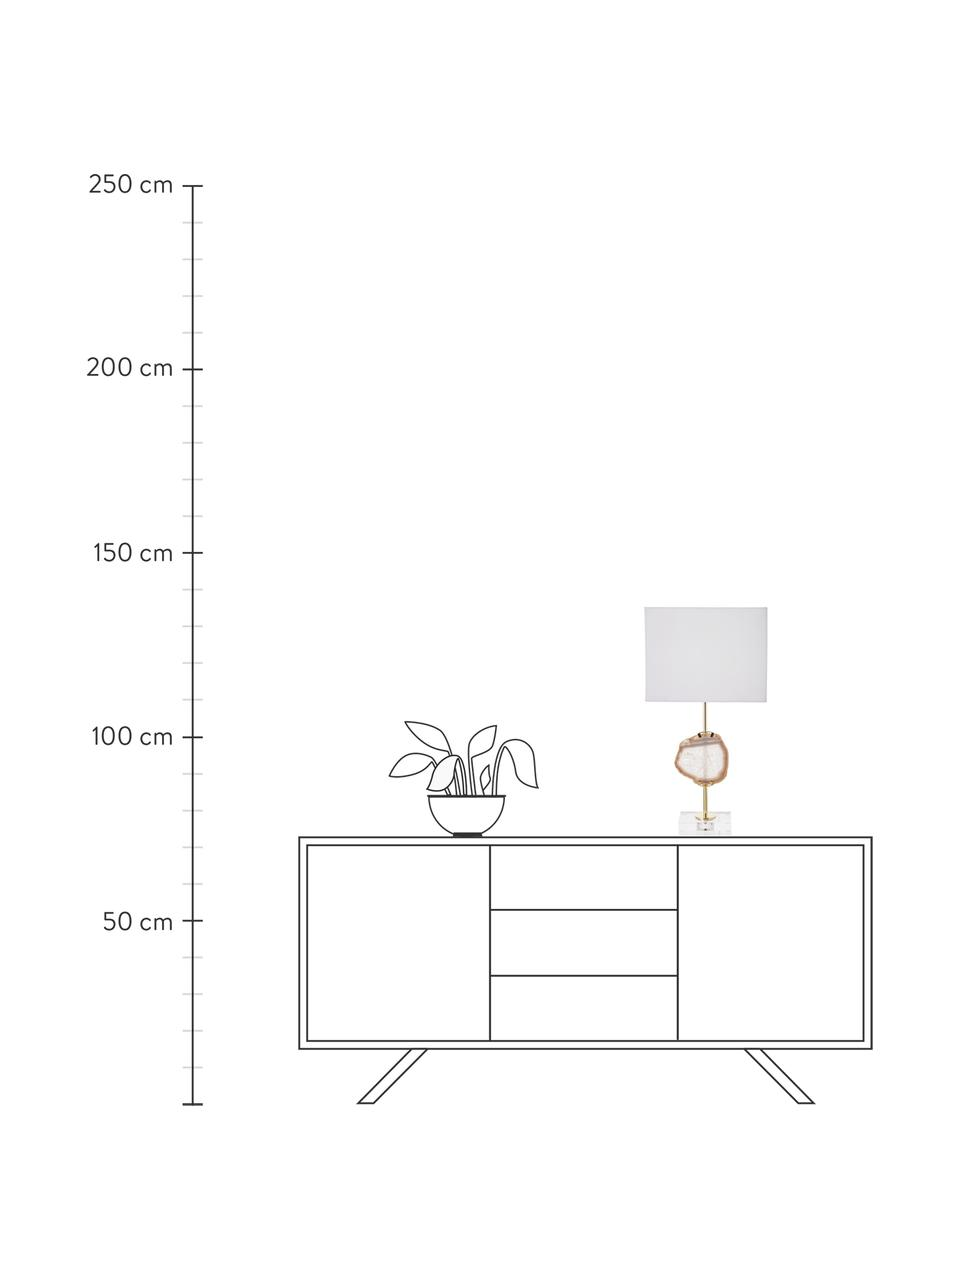 Grote glamoureuze tafellamp Treasure met agaat-decoratie, Lampenkap: katoenmix, Lampvoet: acryl, metaal, Decoratie: agaatsteen, Transparant, goudkleurig, beige agaat. Lampenkap: wit, 33 x 62 cm